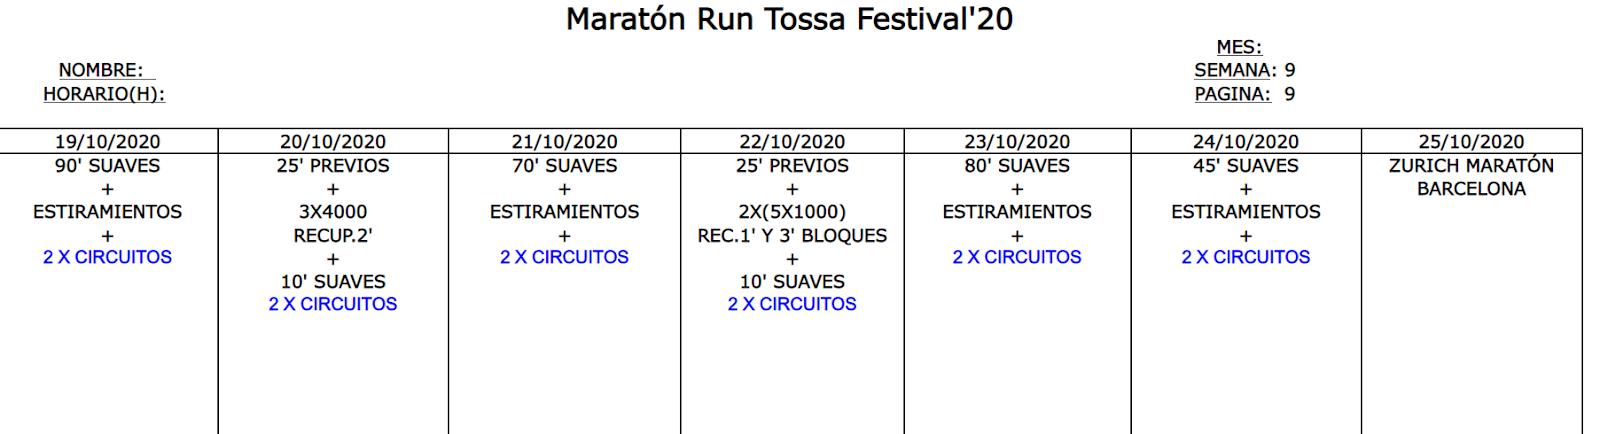 Entreno Maratón Tossa Diciembre 2020